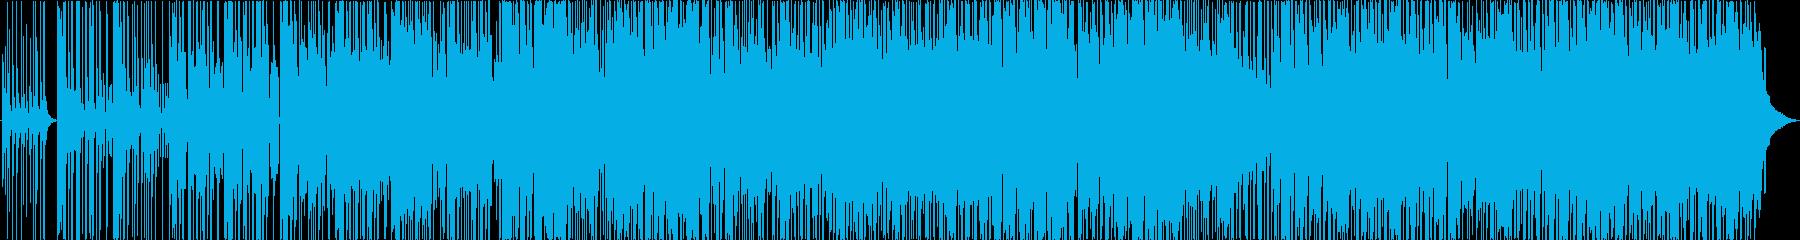 エレクトリックピアノ、ウクレレ、セ...の再生済みの波形